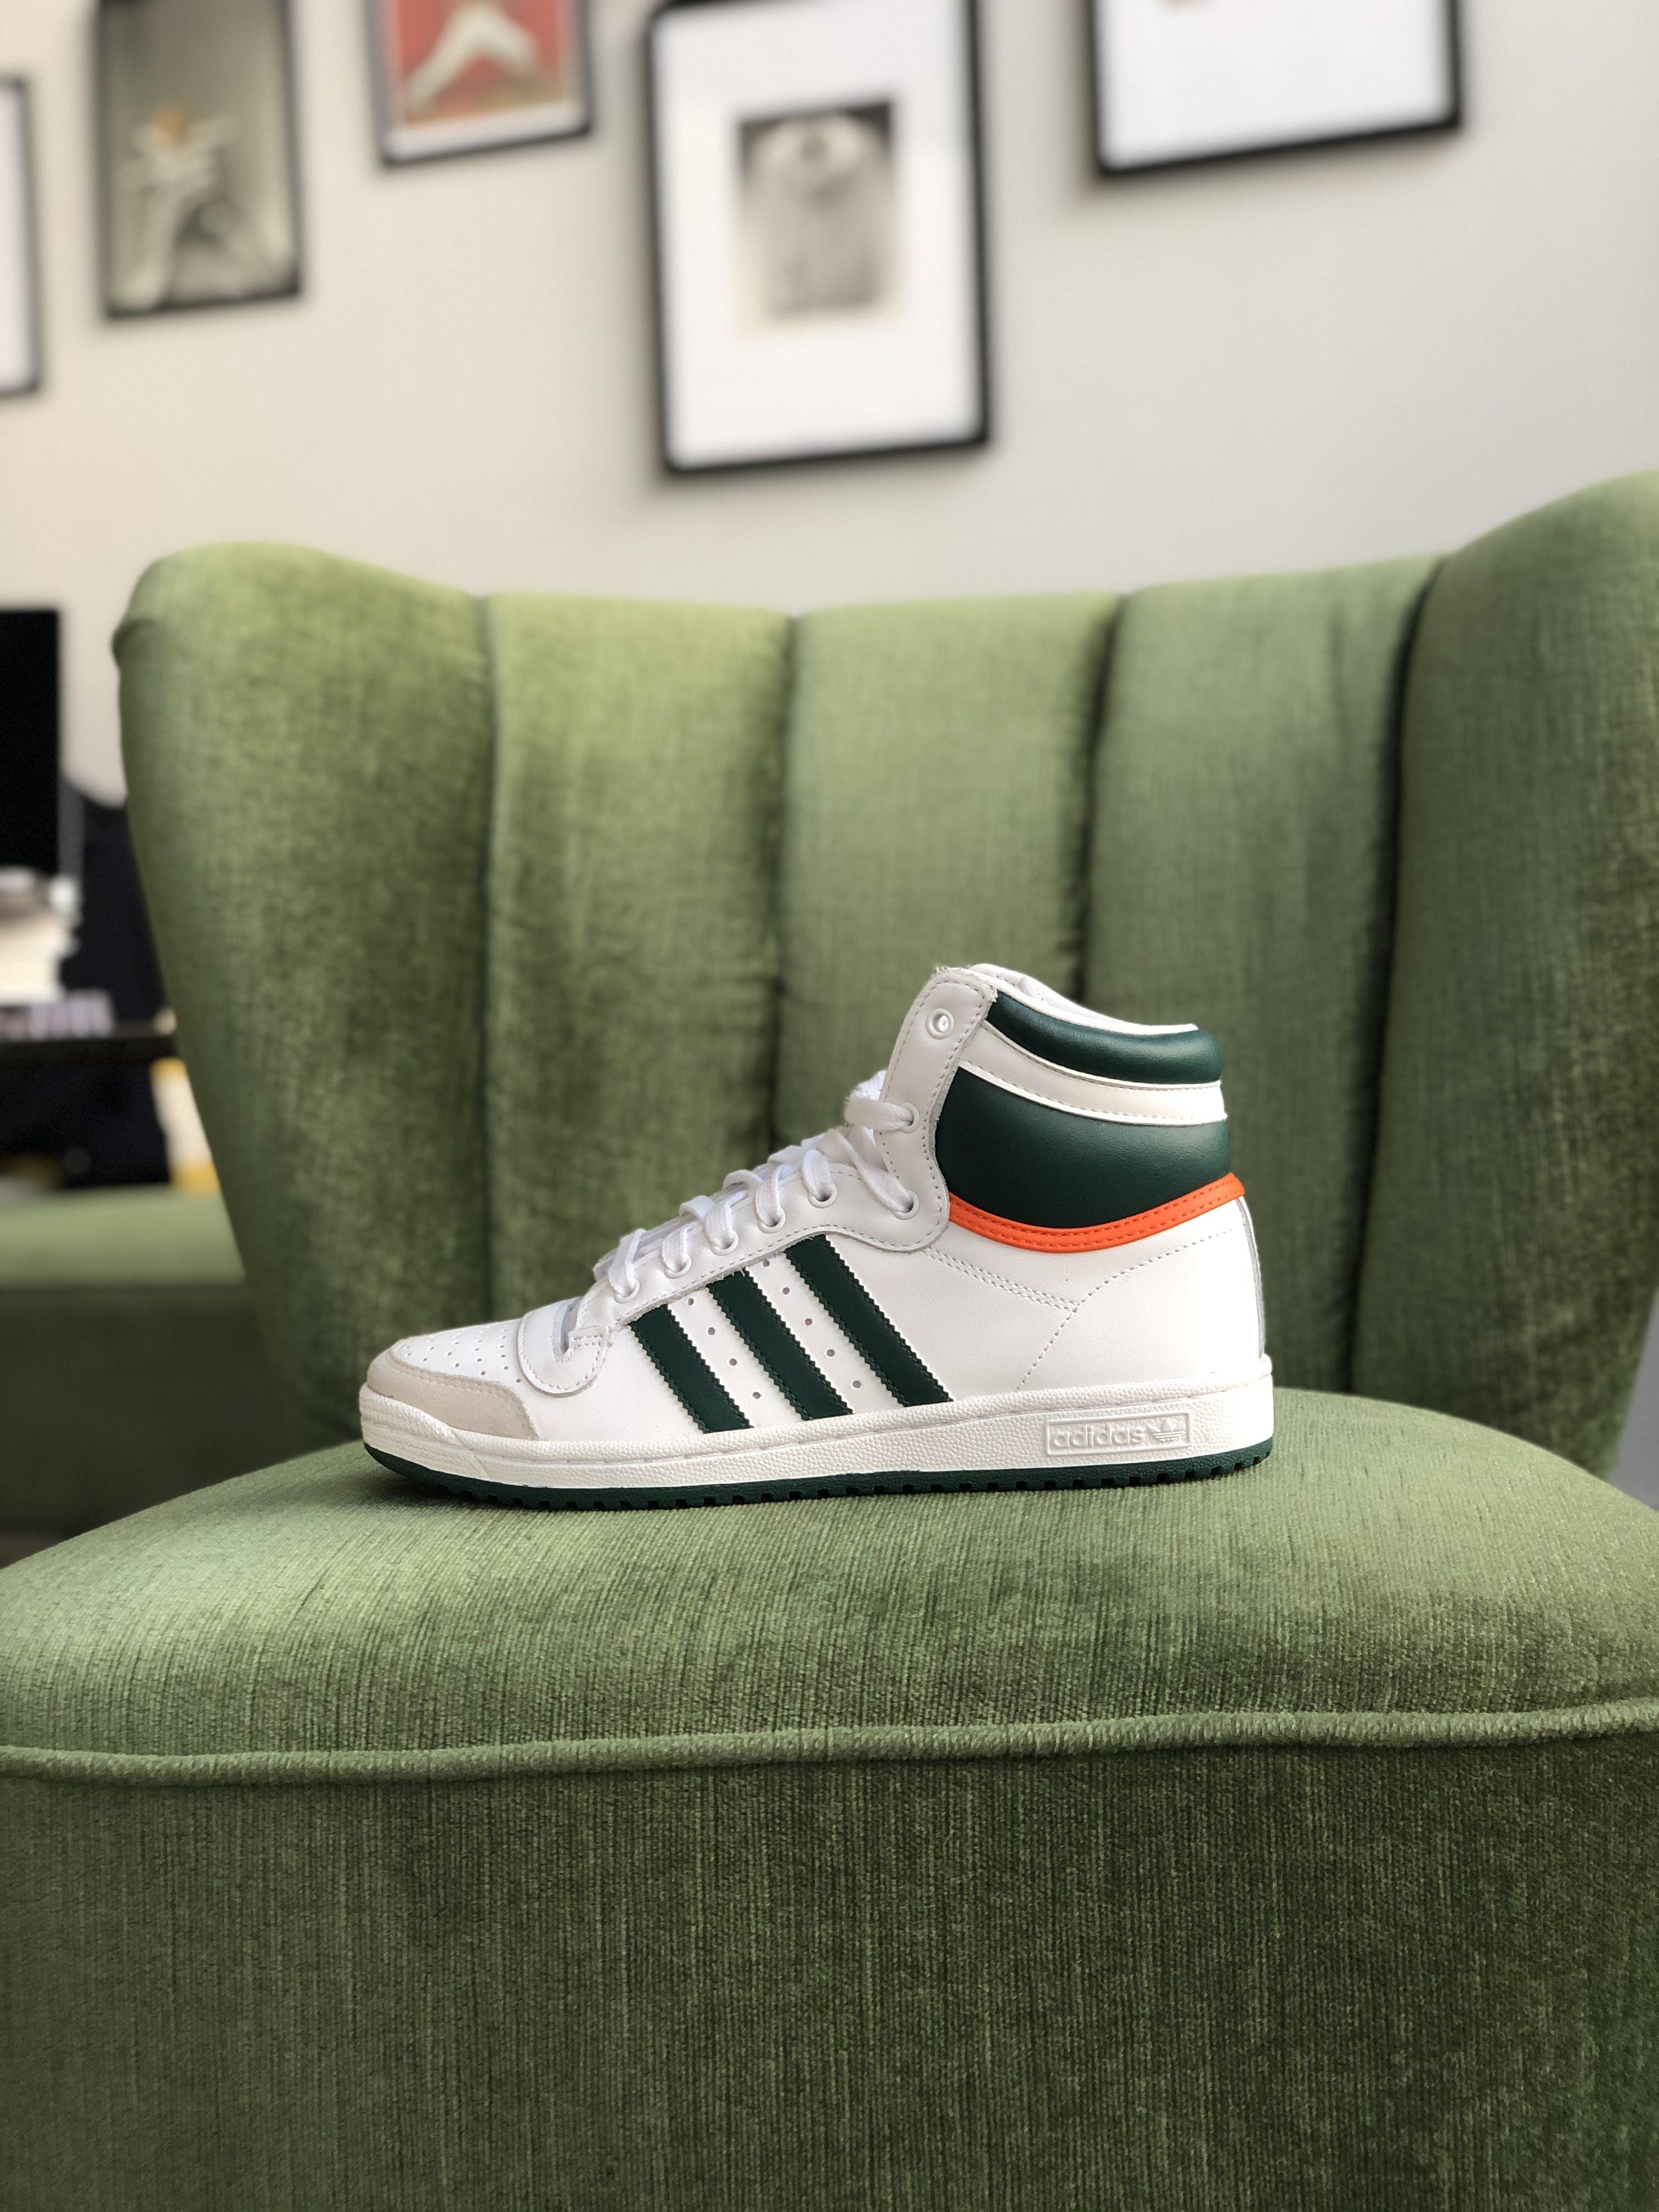 Adidas Top Ten White / Green - Sizerun 40 - 44